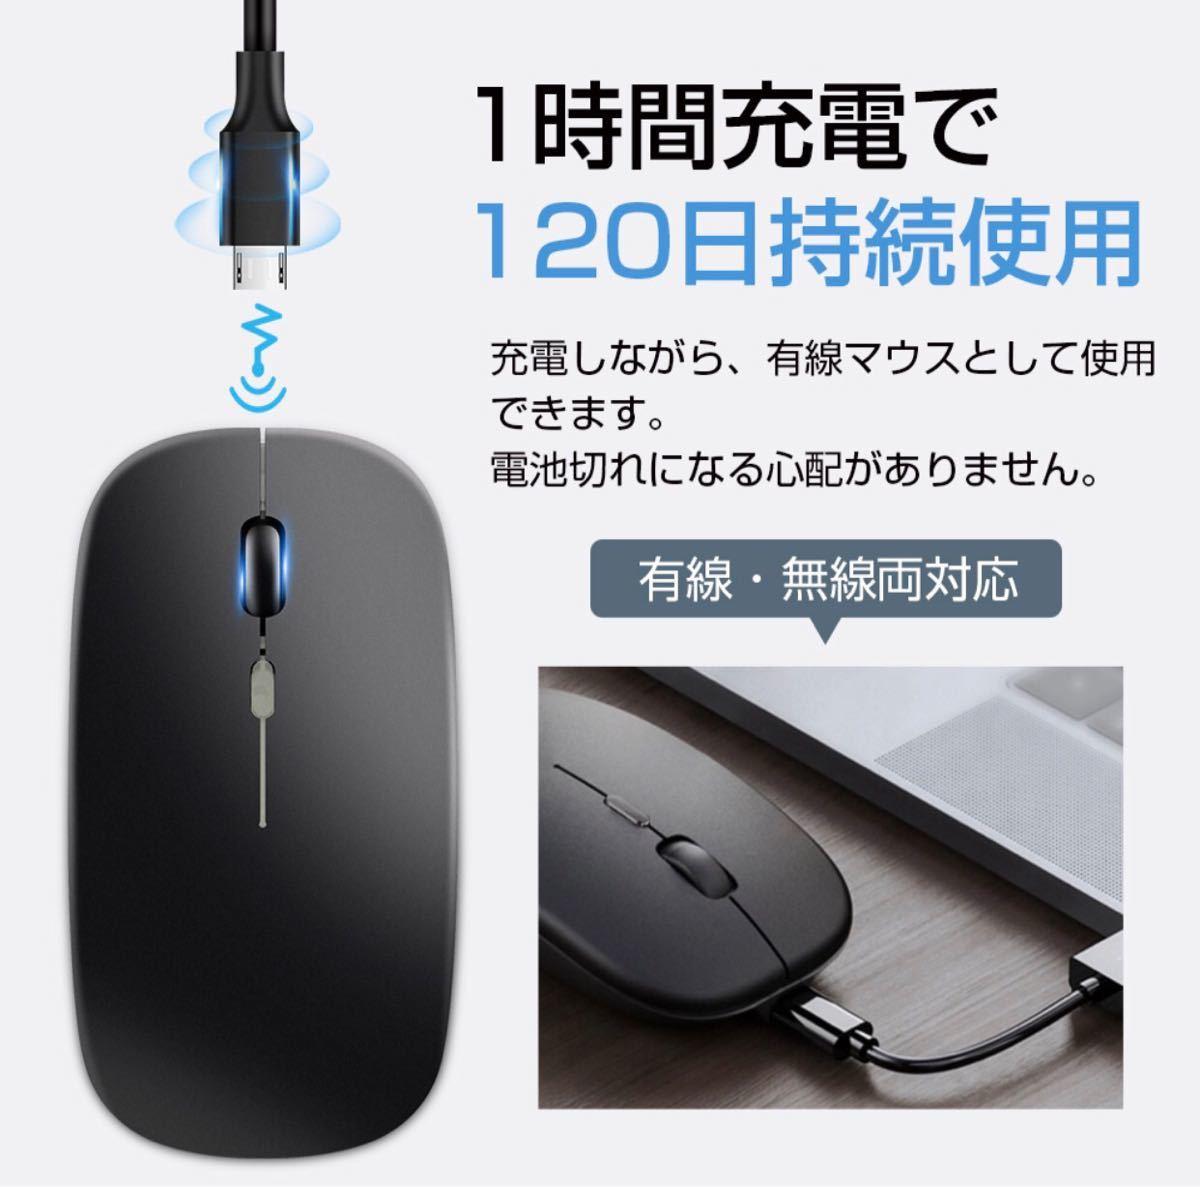 無線マウス 充電式 静音 最大120日持続 持ち運び便利 薄型 ワイヤレスマウス